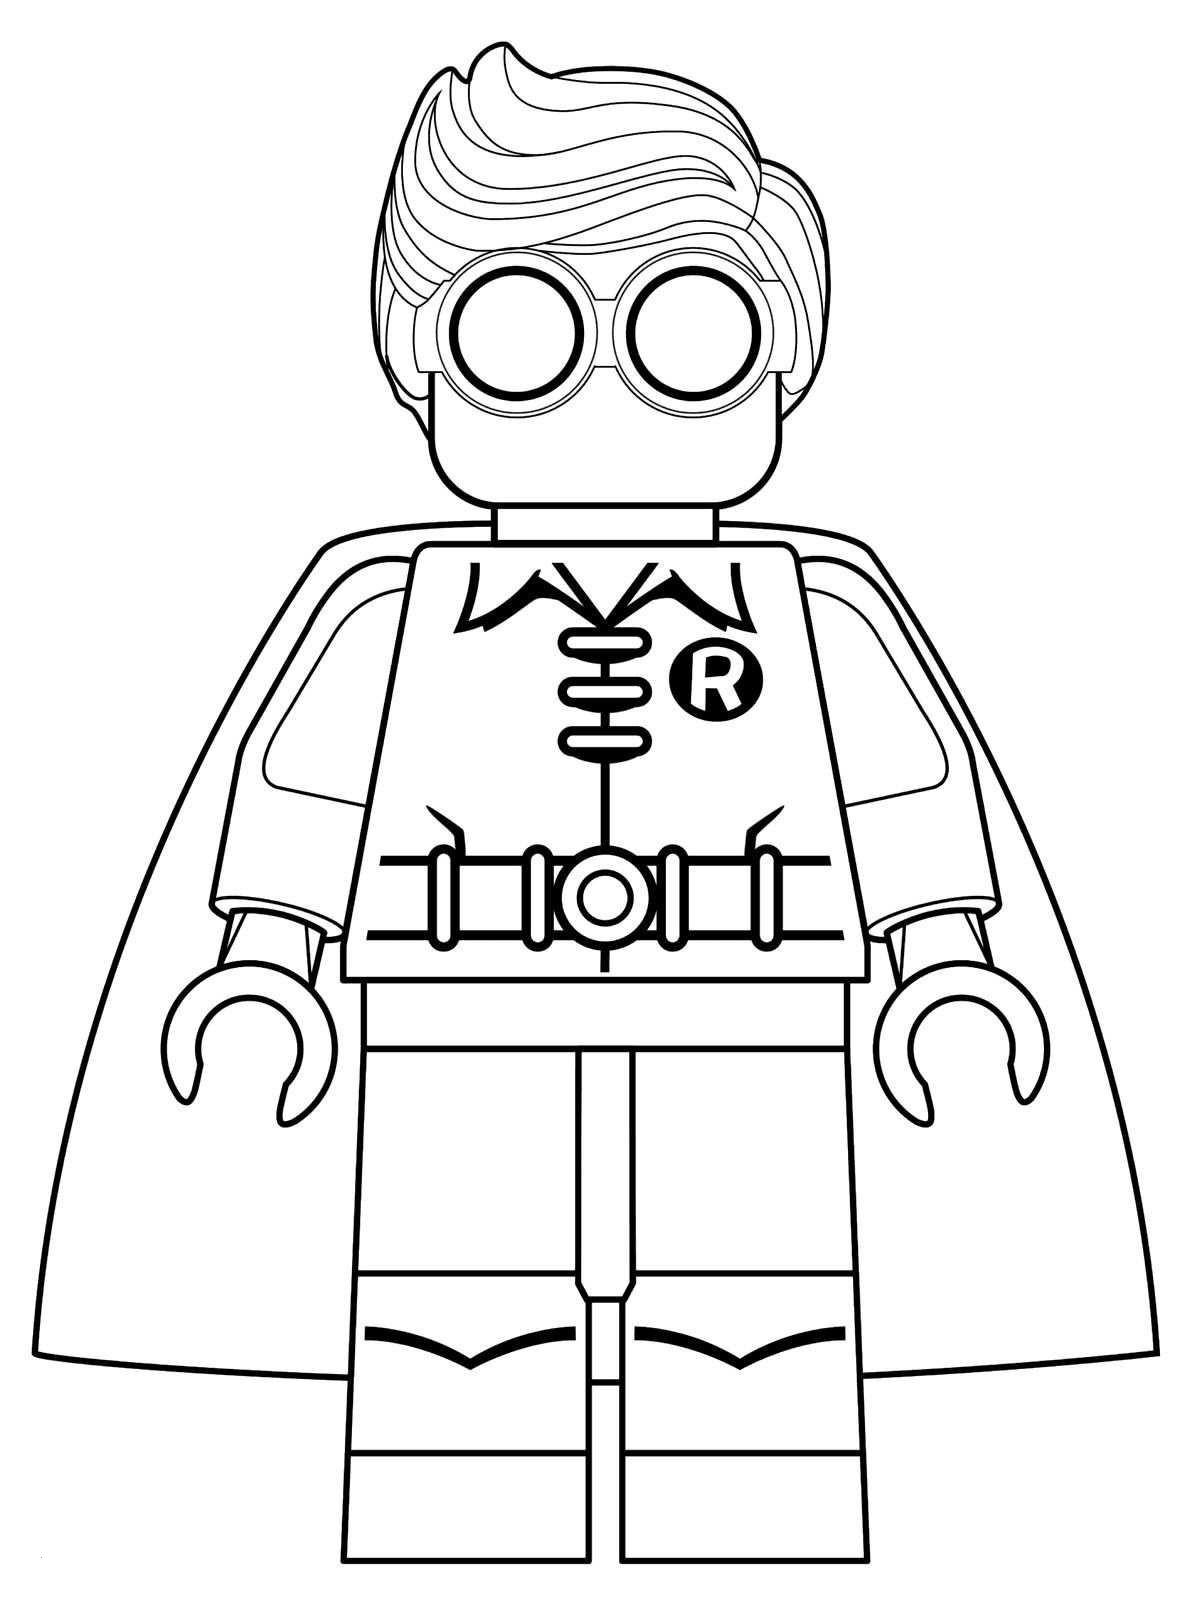 Hulk Zum Ausmalen Das Beste Von Ausmalbilder Batman Lego Uploadertalk Schön Lego Hulk Ausmalbilder Bilder